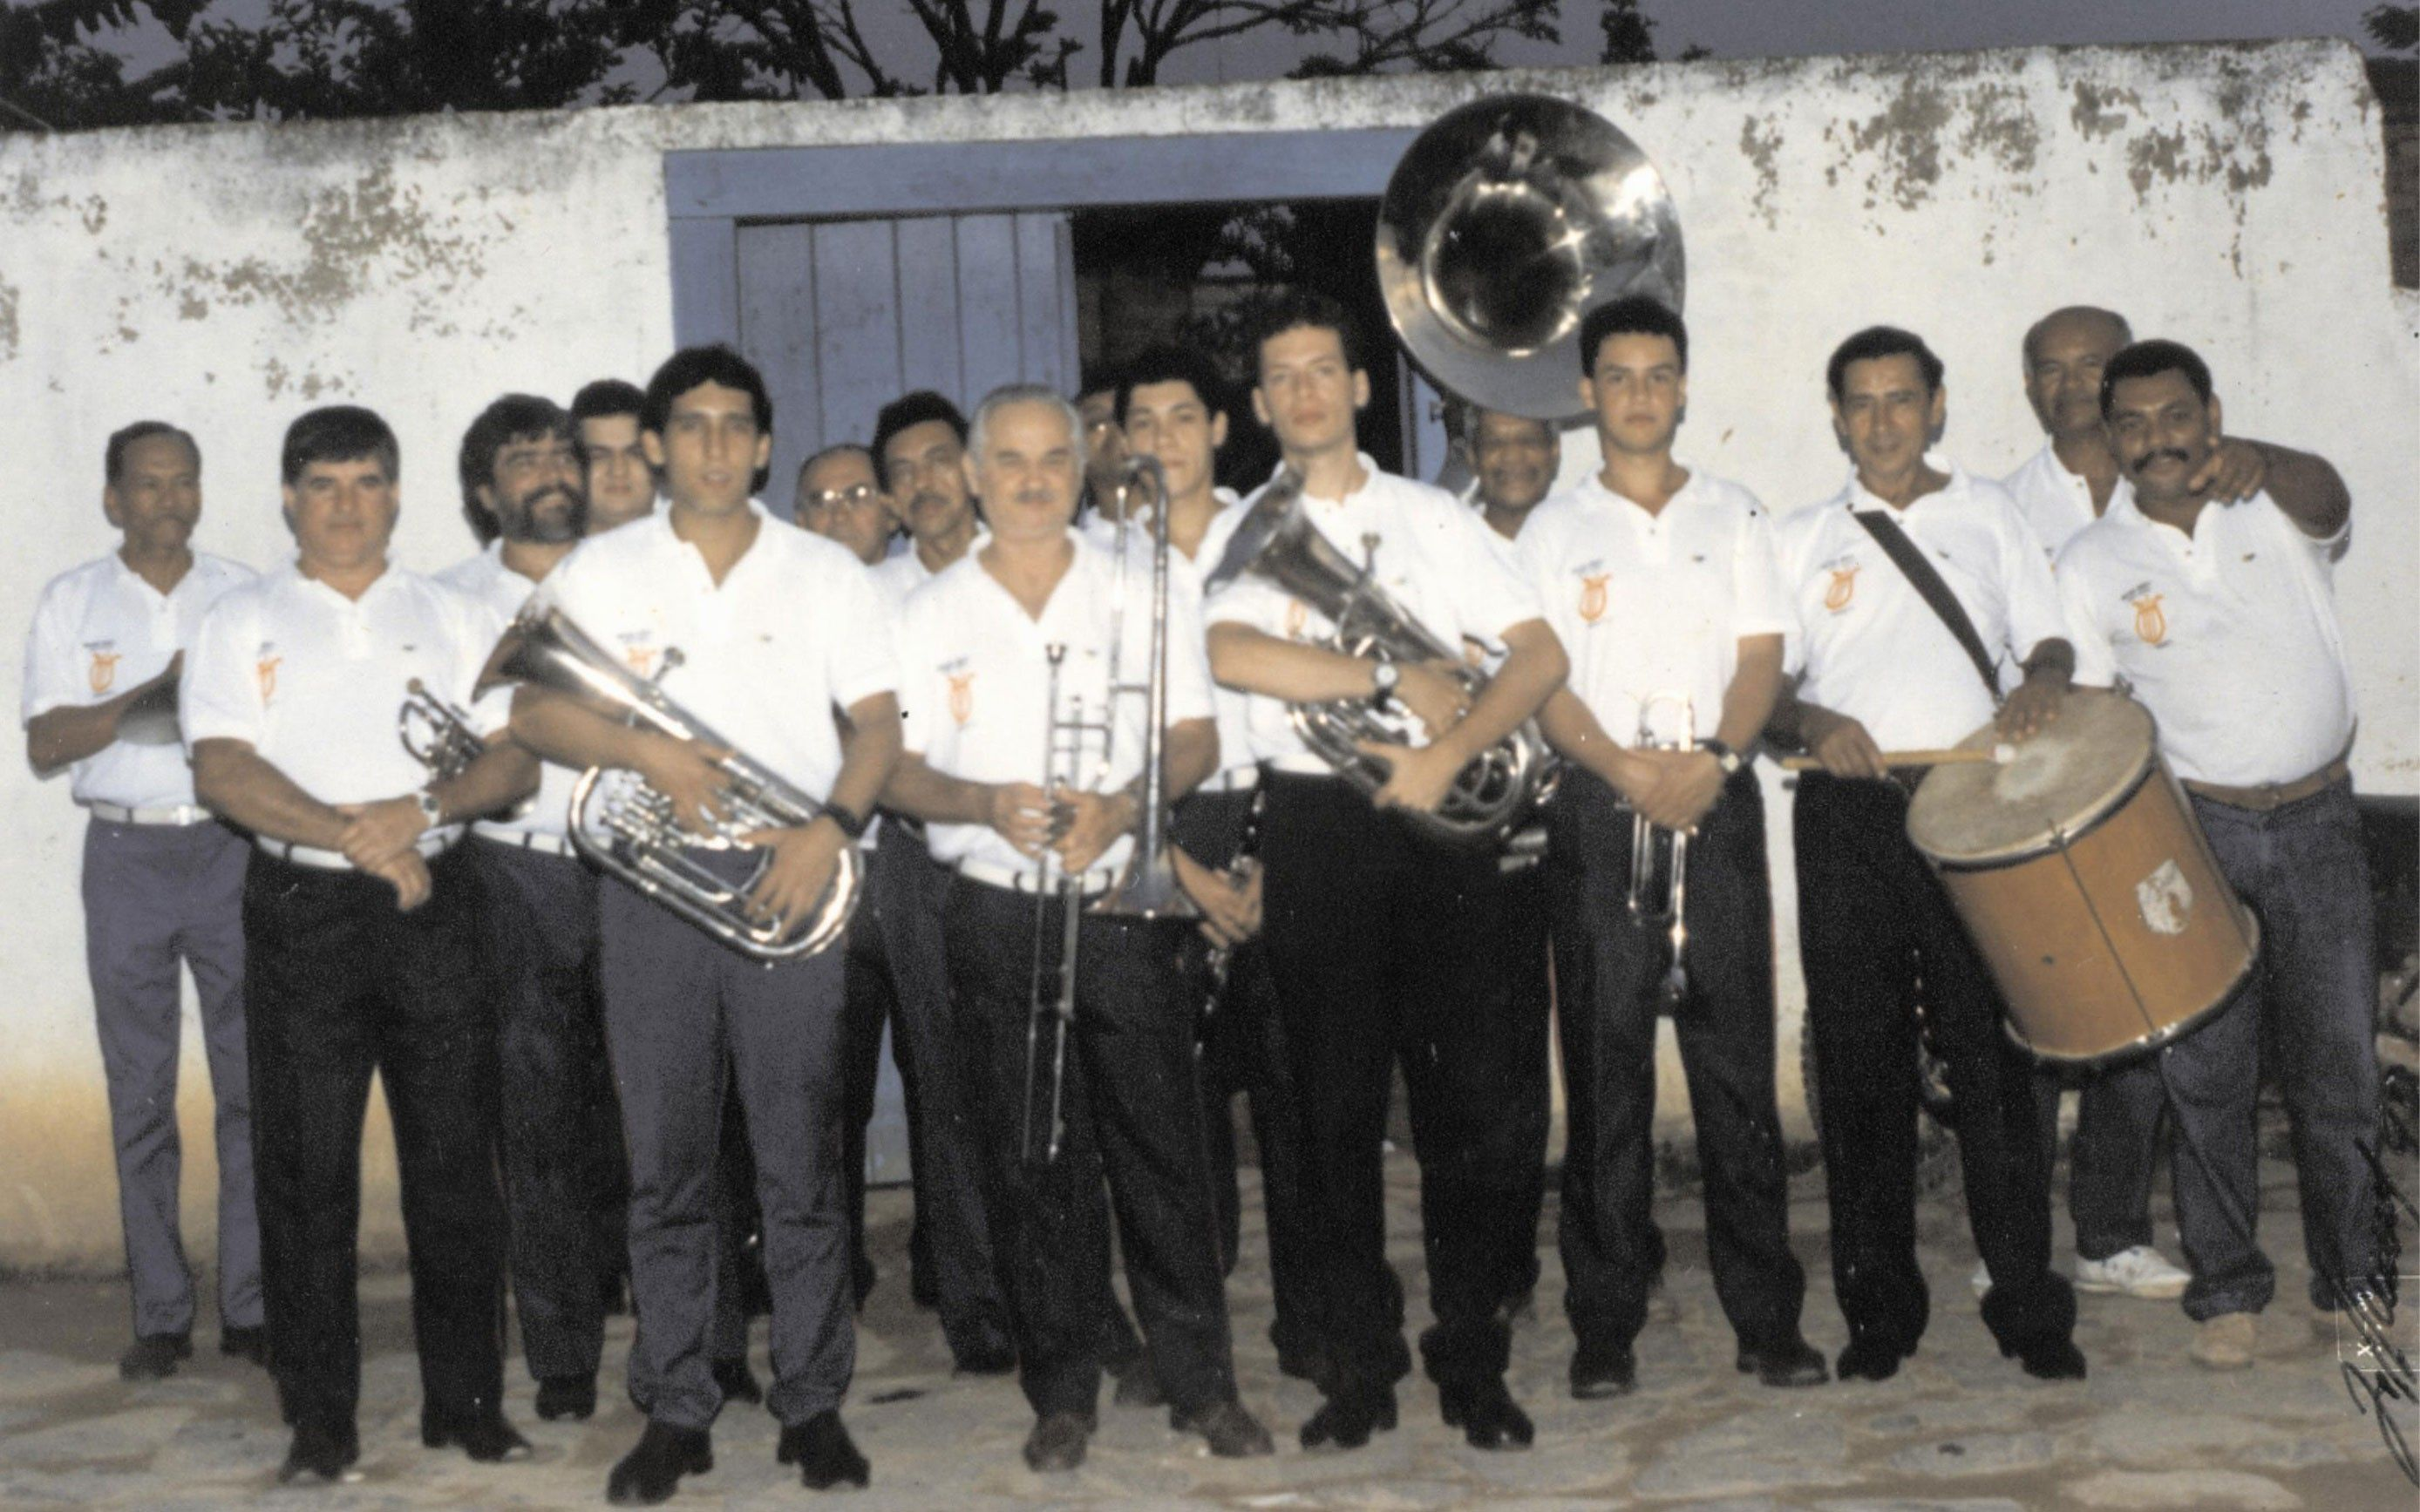 Integrantes da Banda Santa Cecília na década de 1980. Na ponta esquerda da primeira fila está Nildo Oliveira, atual presidente do grupo. O primeiro à esquerda, na última fila, é Maestro Potinho, um dos fundadores da banda (Foto: Divulgação)